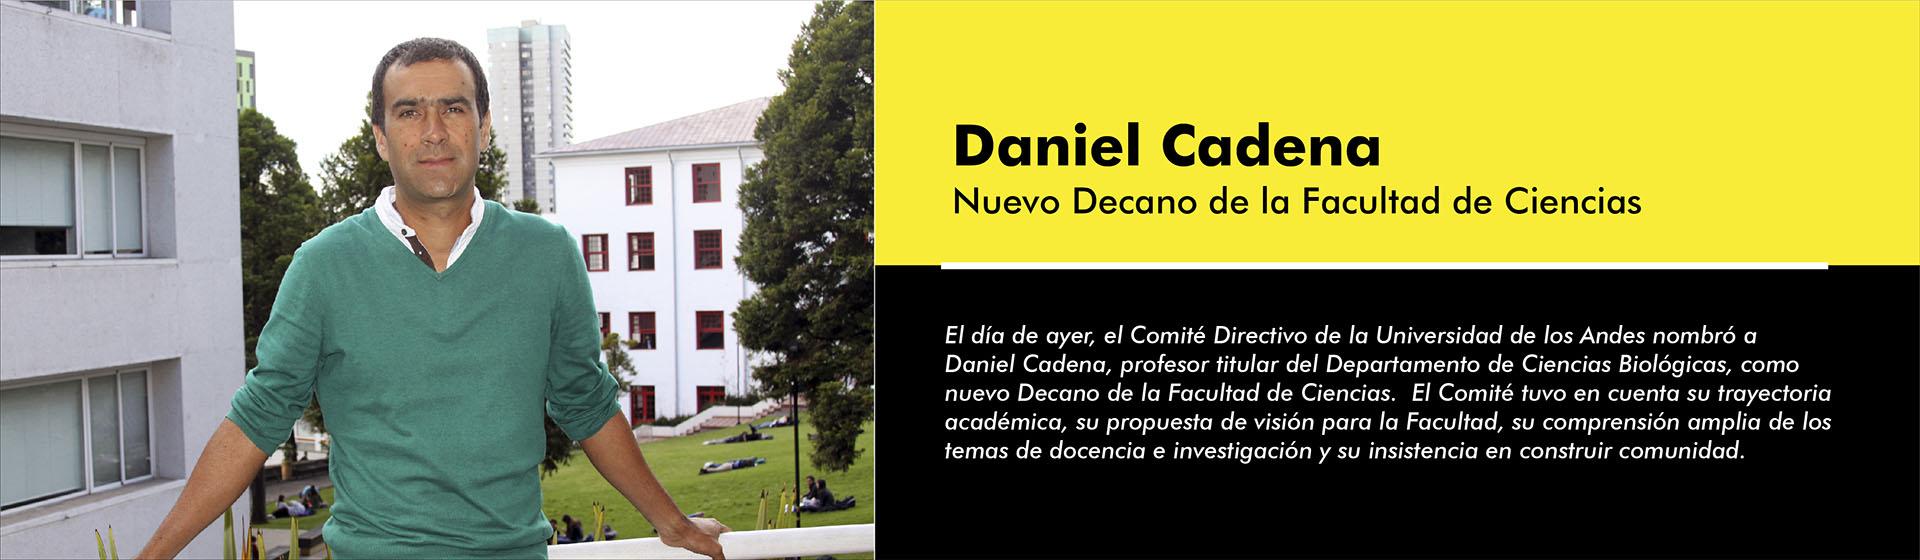 Daniel Cadena